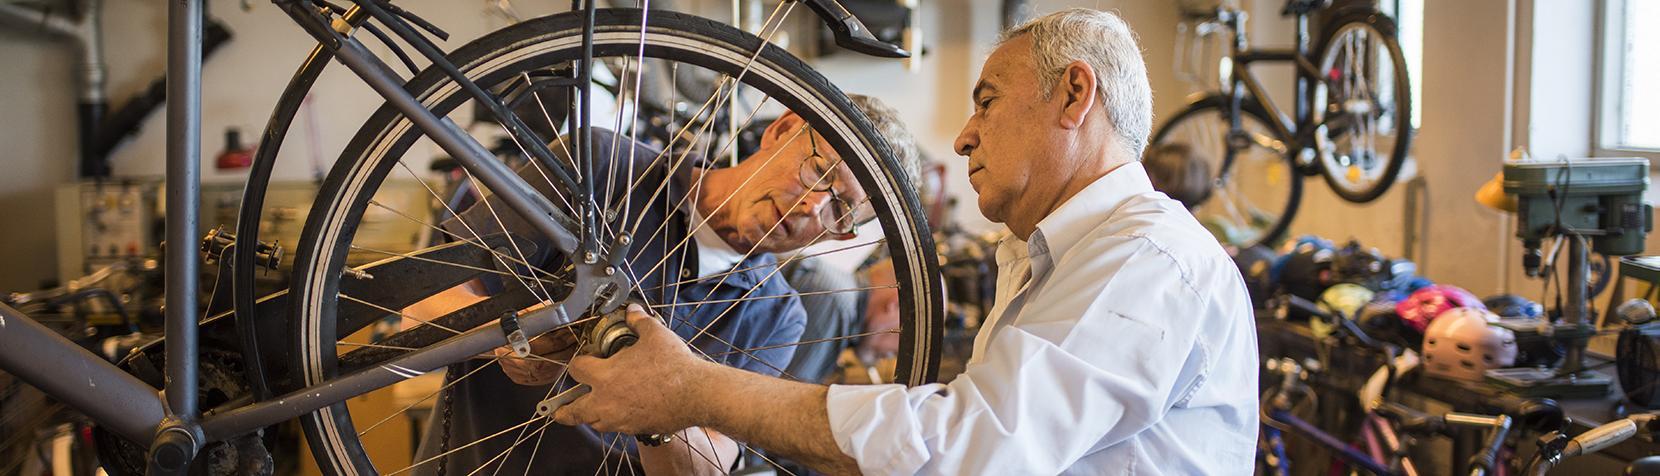 Frivillige i cykelværkstedet